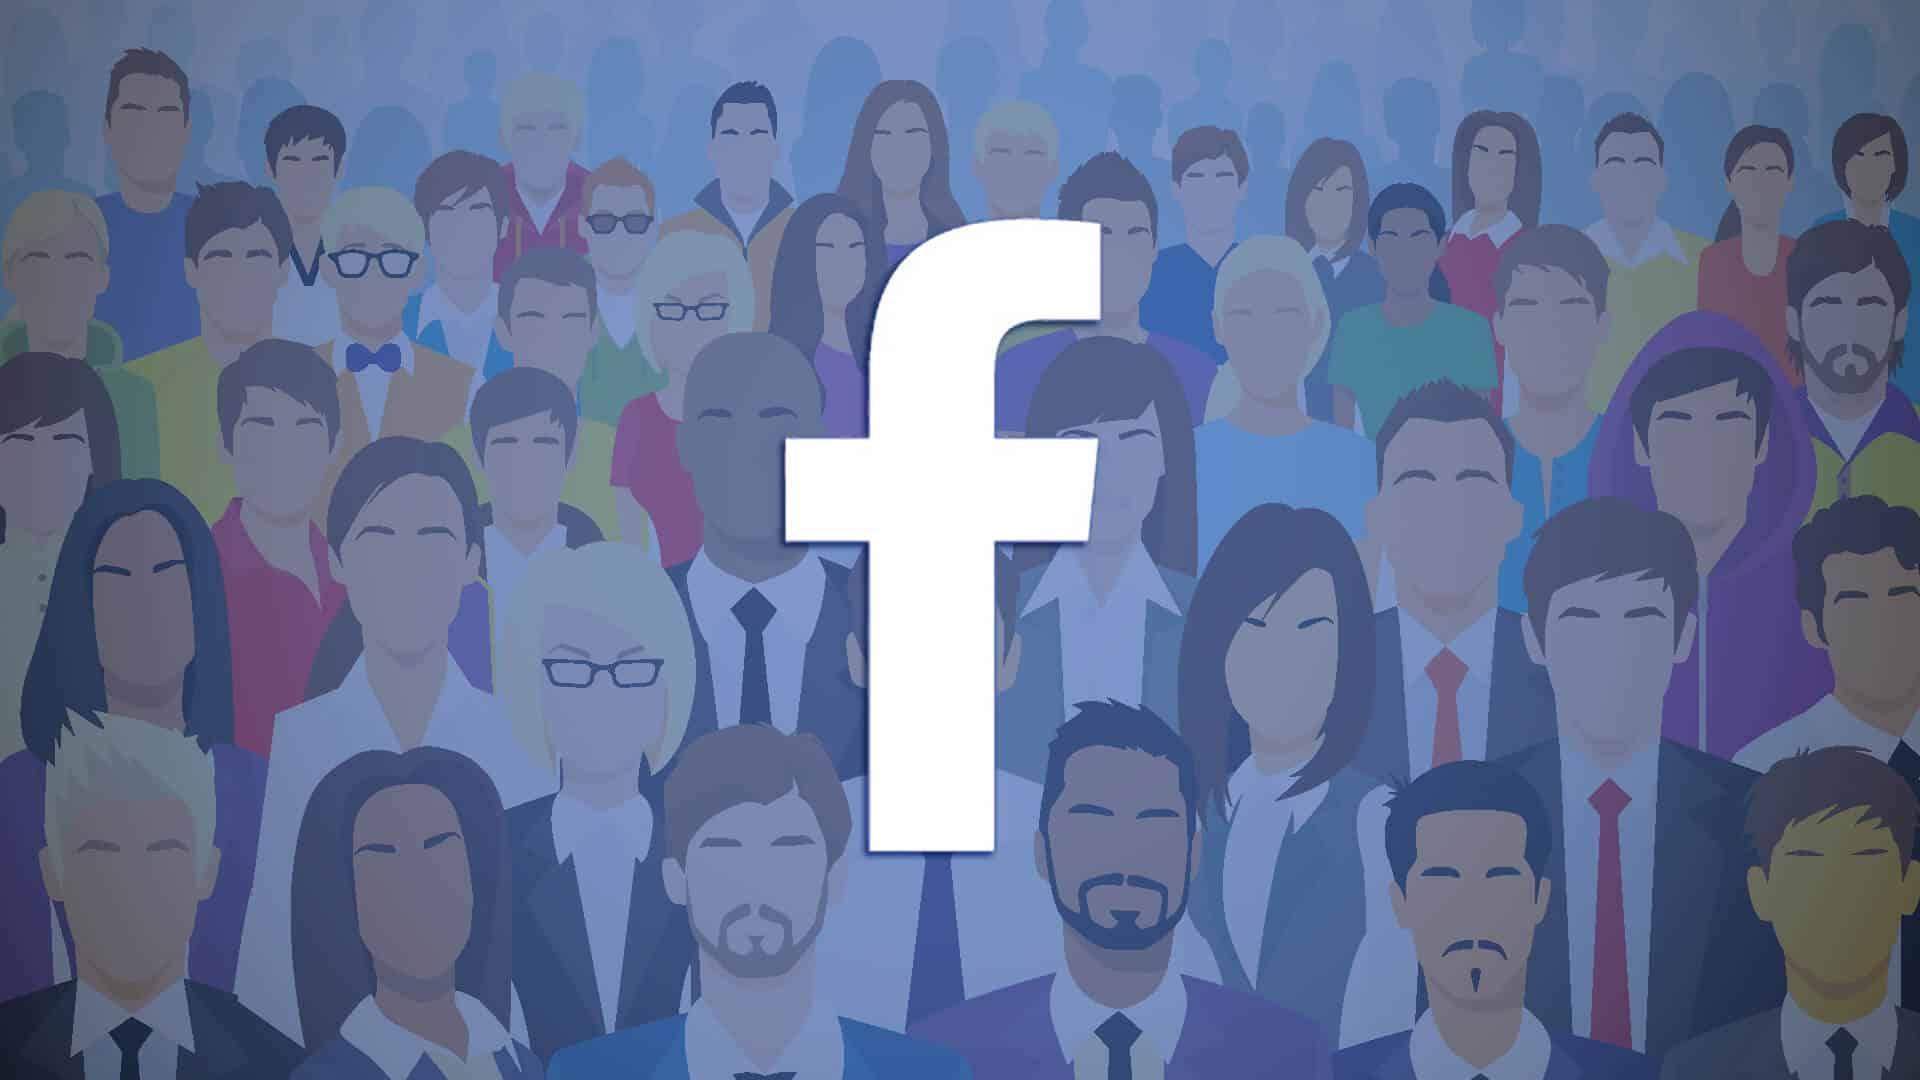 %D9%81%D9%8A%D8%B3-%D8%A8%D9%88%D9%83 رسميا: صناع الأخبار المزيفة ممنوع عليهم استخدام إعلانات فيس بوك